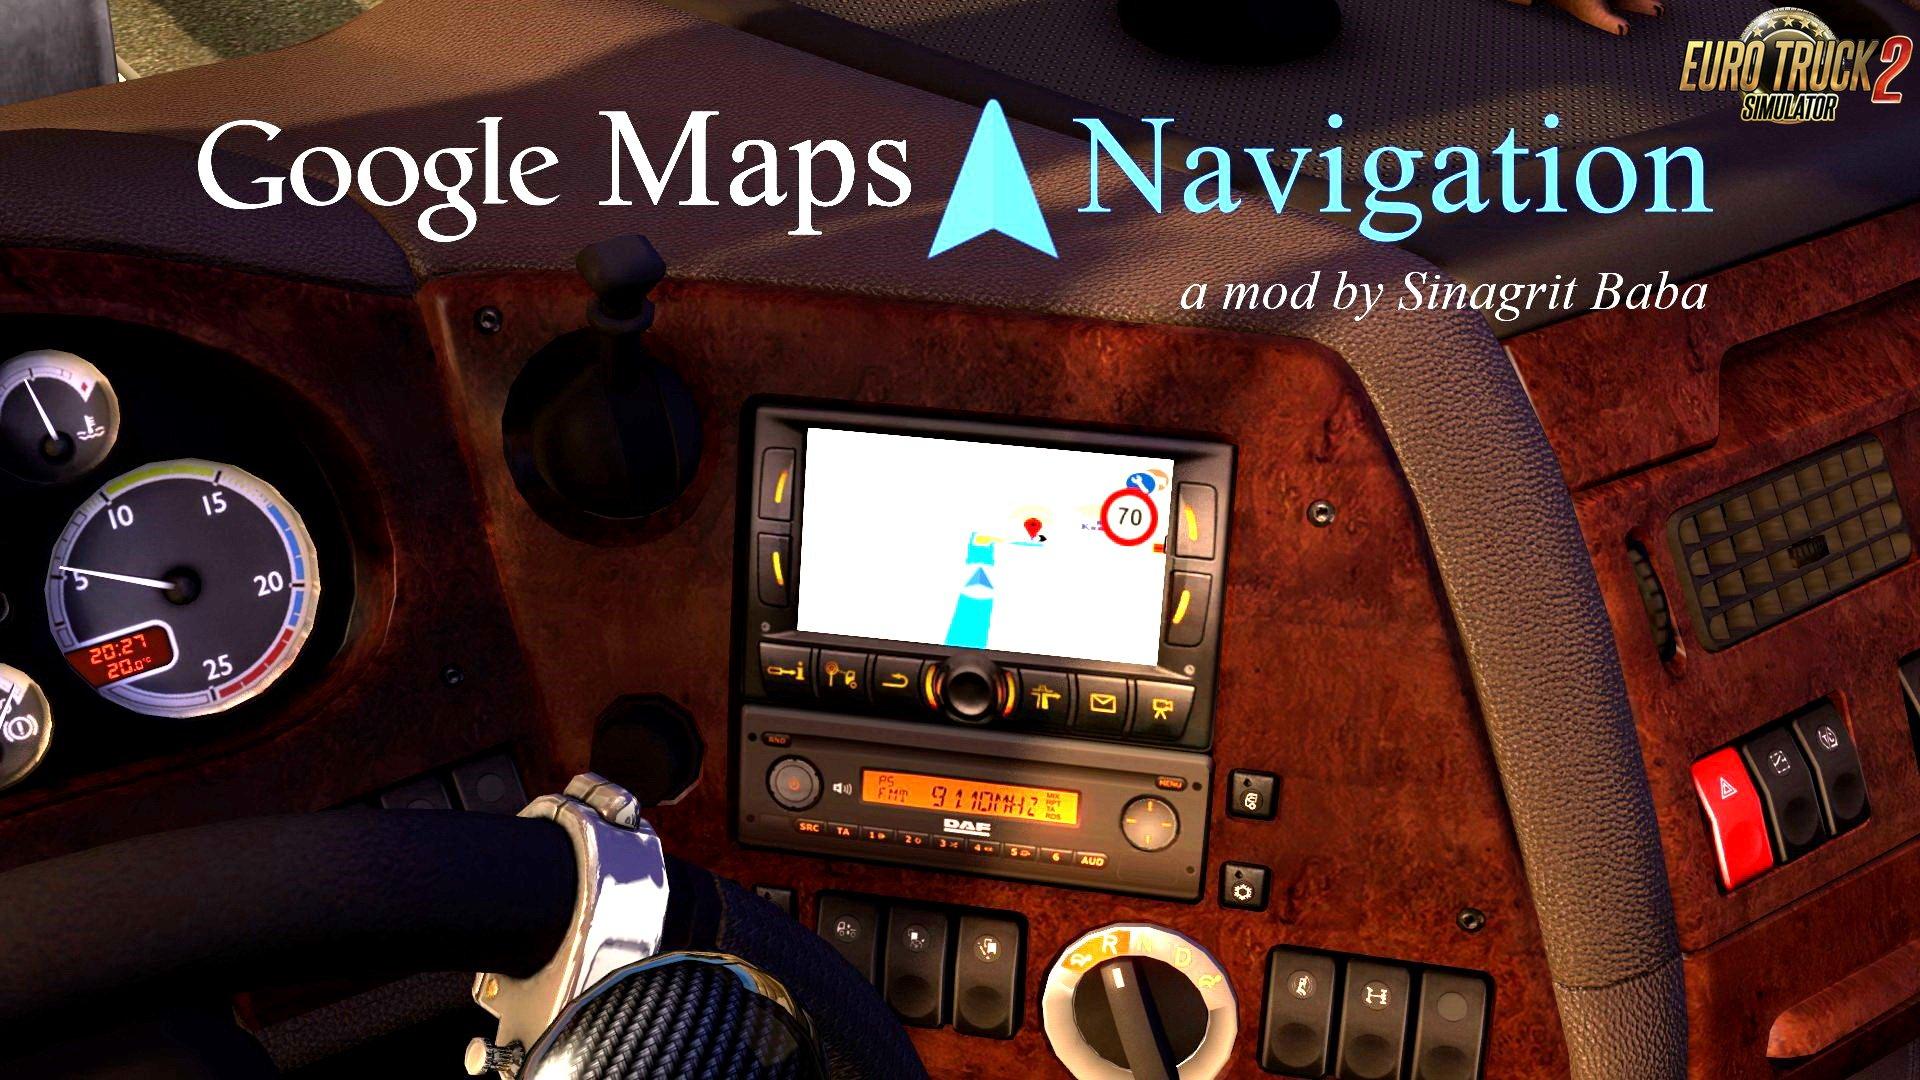 ETS 2 - Google Maps Navigation